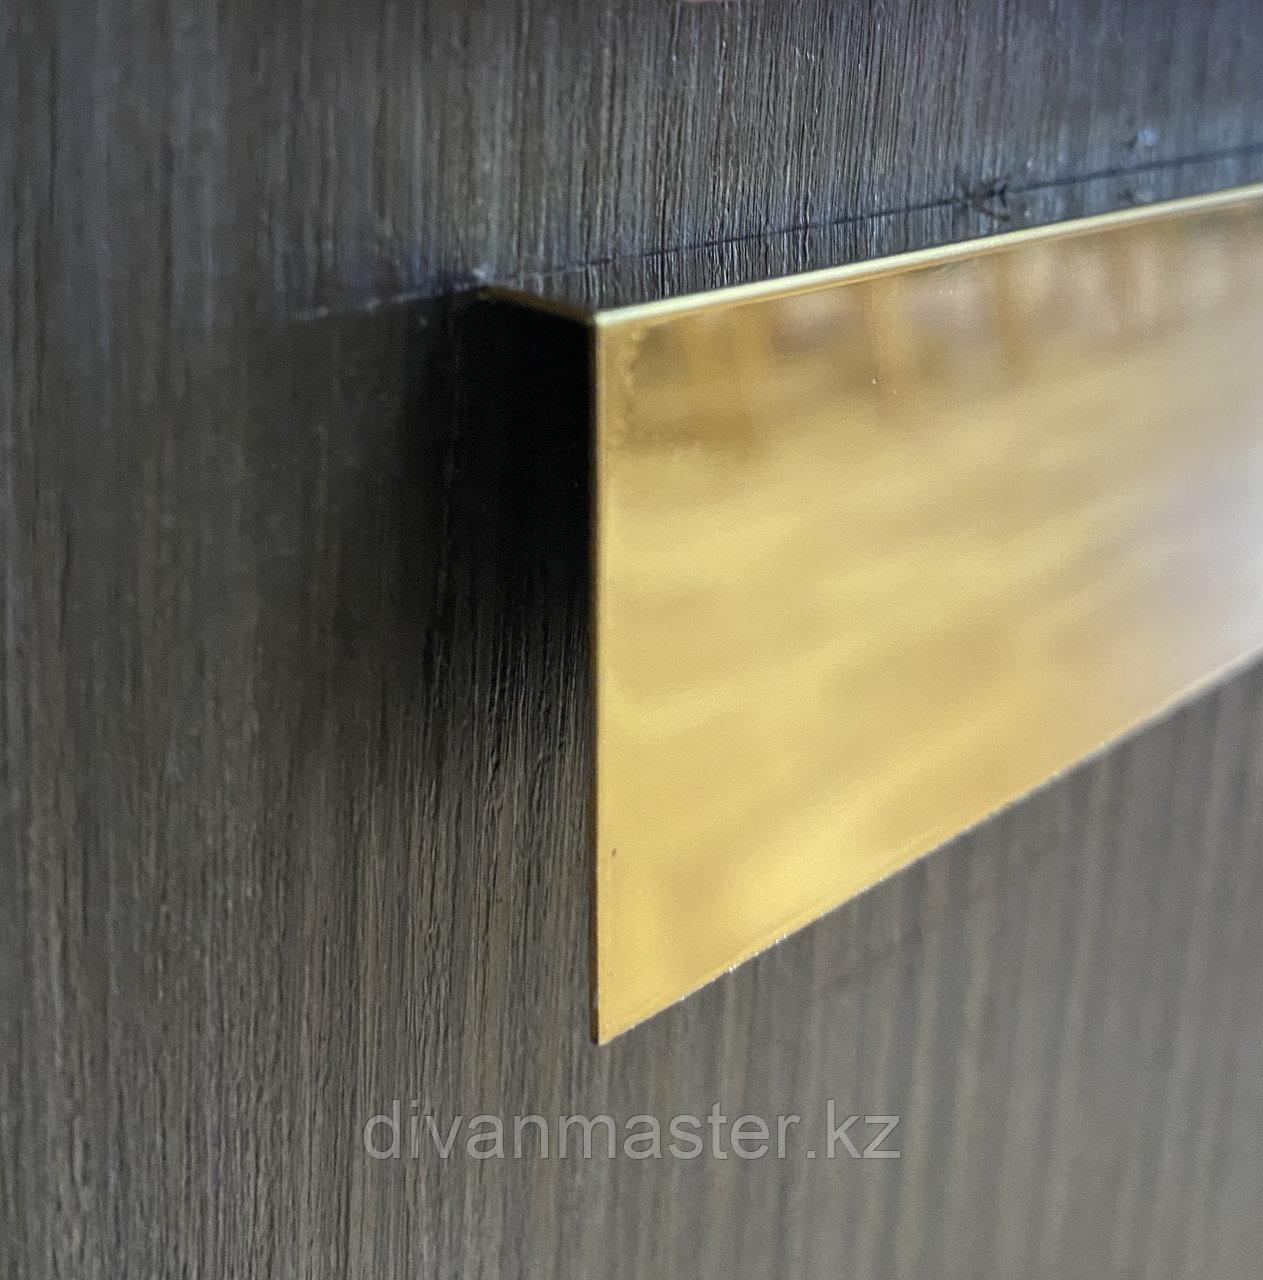 L-Профиль 11*70, зеркальное золото, для декорирования мебели, 305 см, L-образный